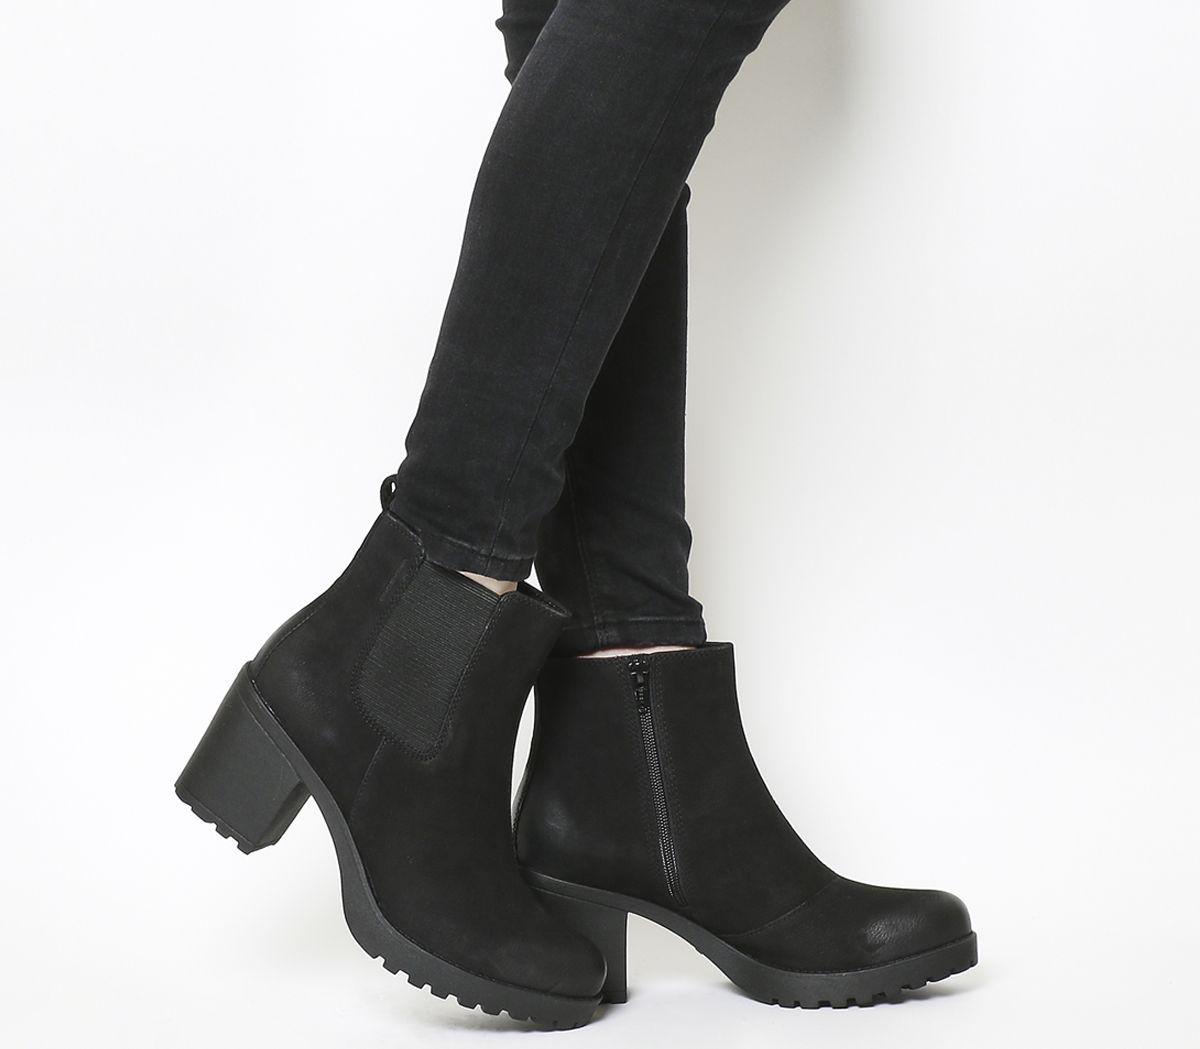 d2b3de2f5bf7e9 Vagabond Grace Heeled Chelsea Boots Black Nubuck - Ankle Boots